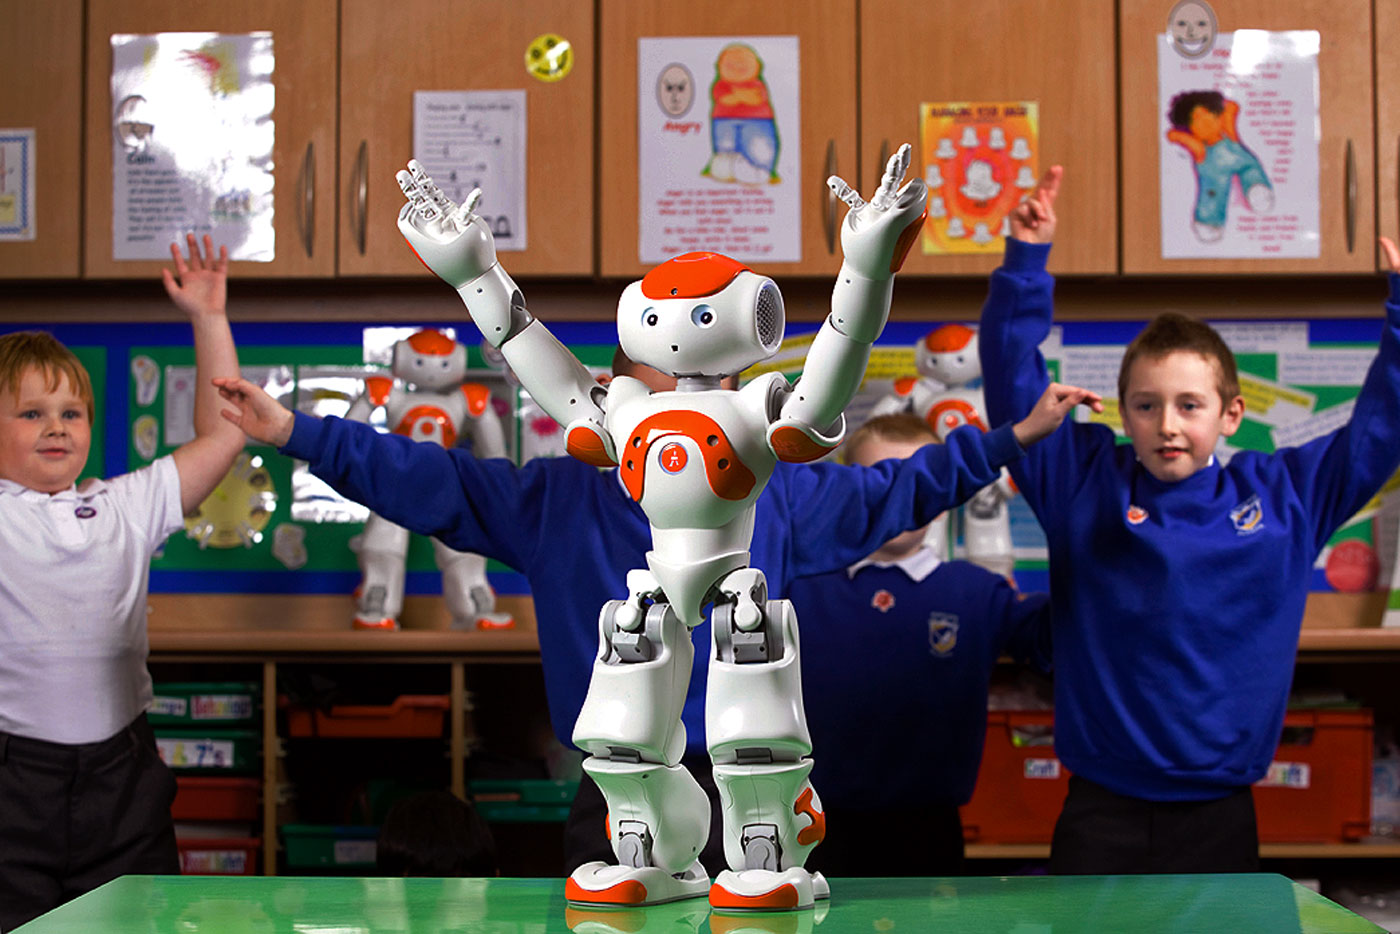 ヒューマノイドロボット NAOによる自閉症療育支援ソリューション